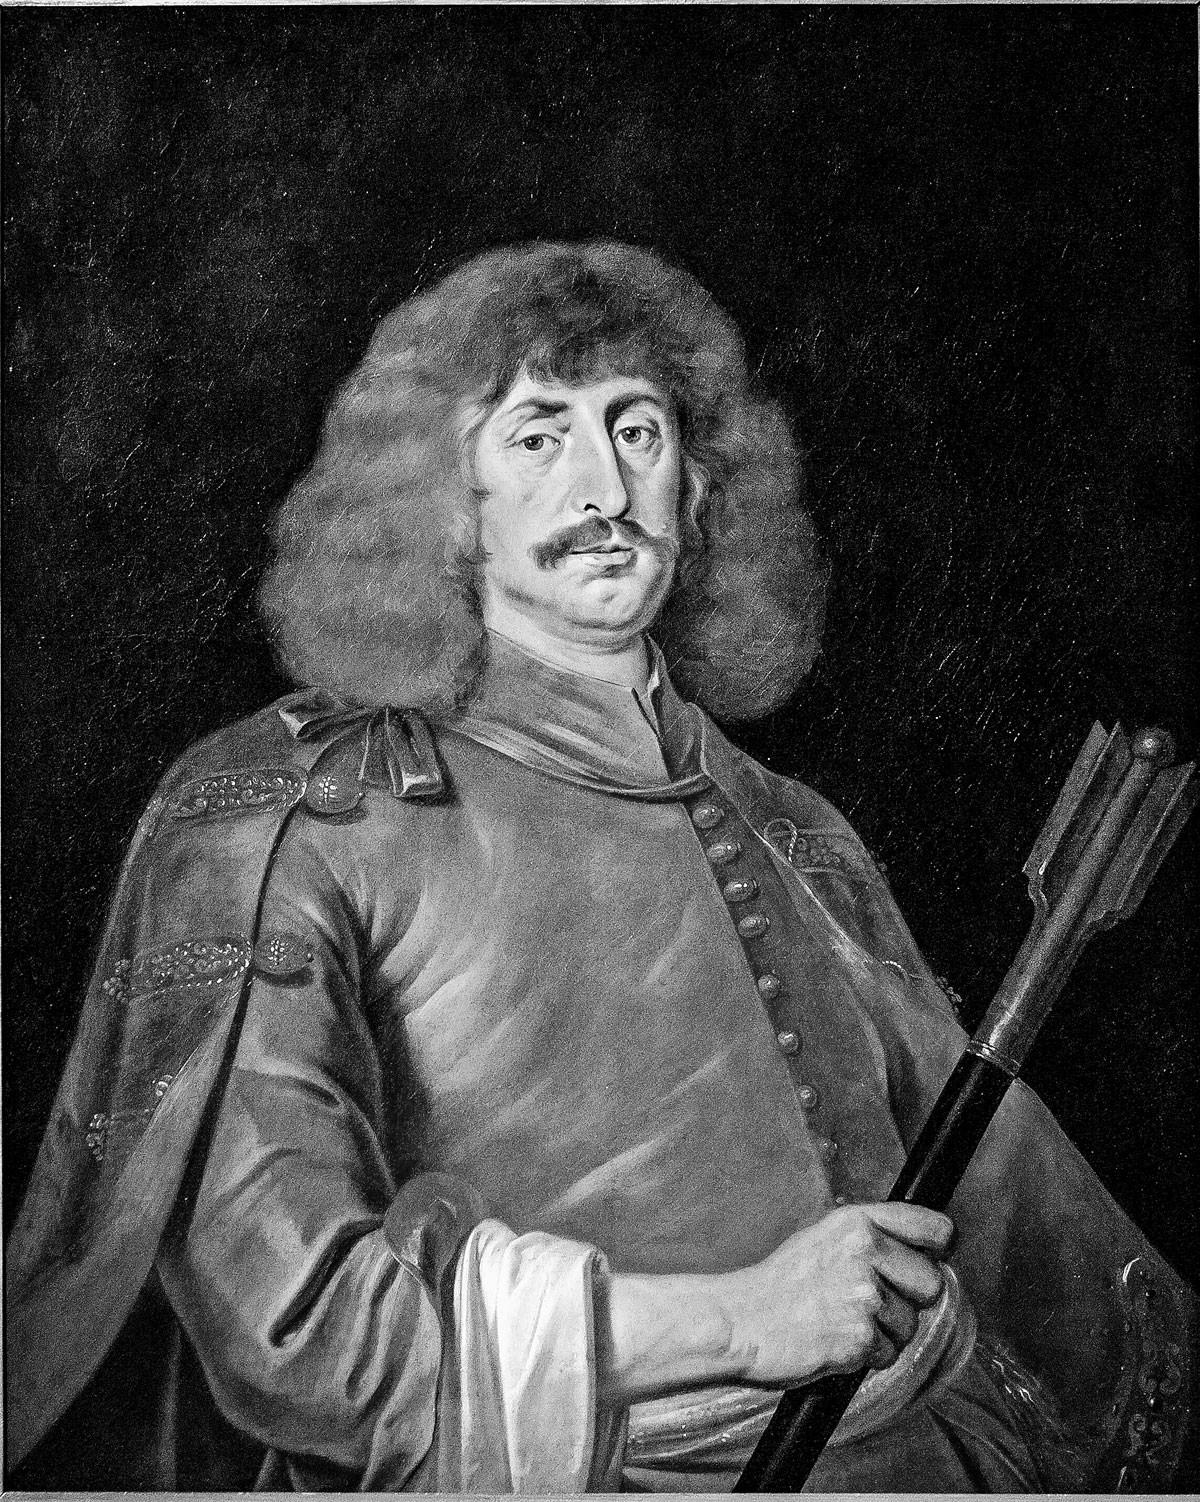 Zrínyi Miklós félalakos képmása, Jan Thomas festménye